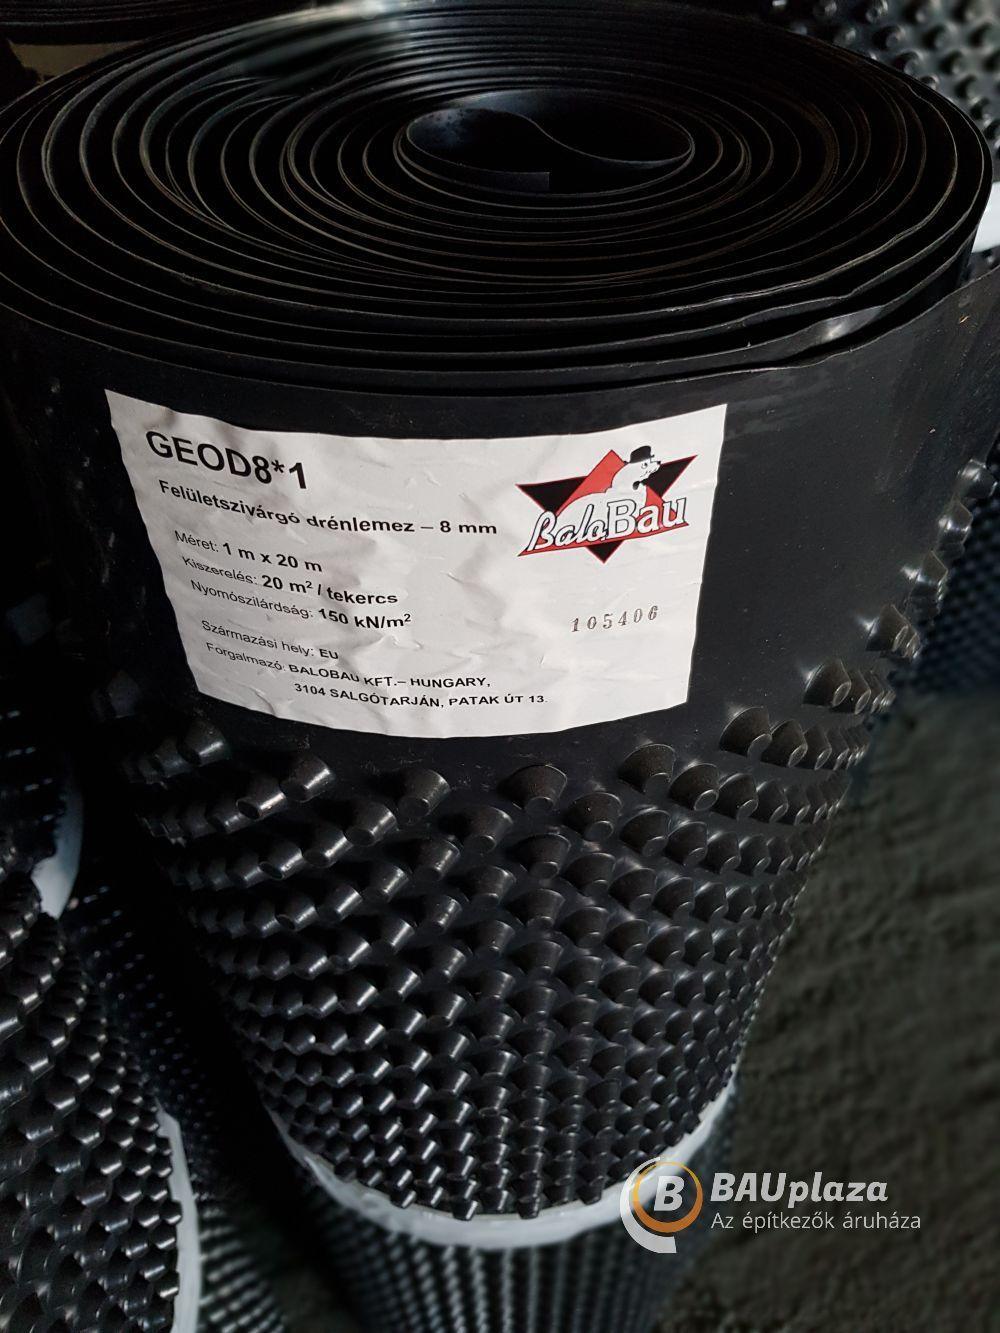 Felületszivárgó lemez 8 mm1,5x20m 30 m2/tek. 400g/m2 (drénlemez) BAUplaza Kft.